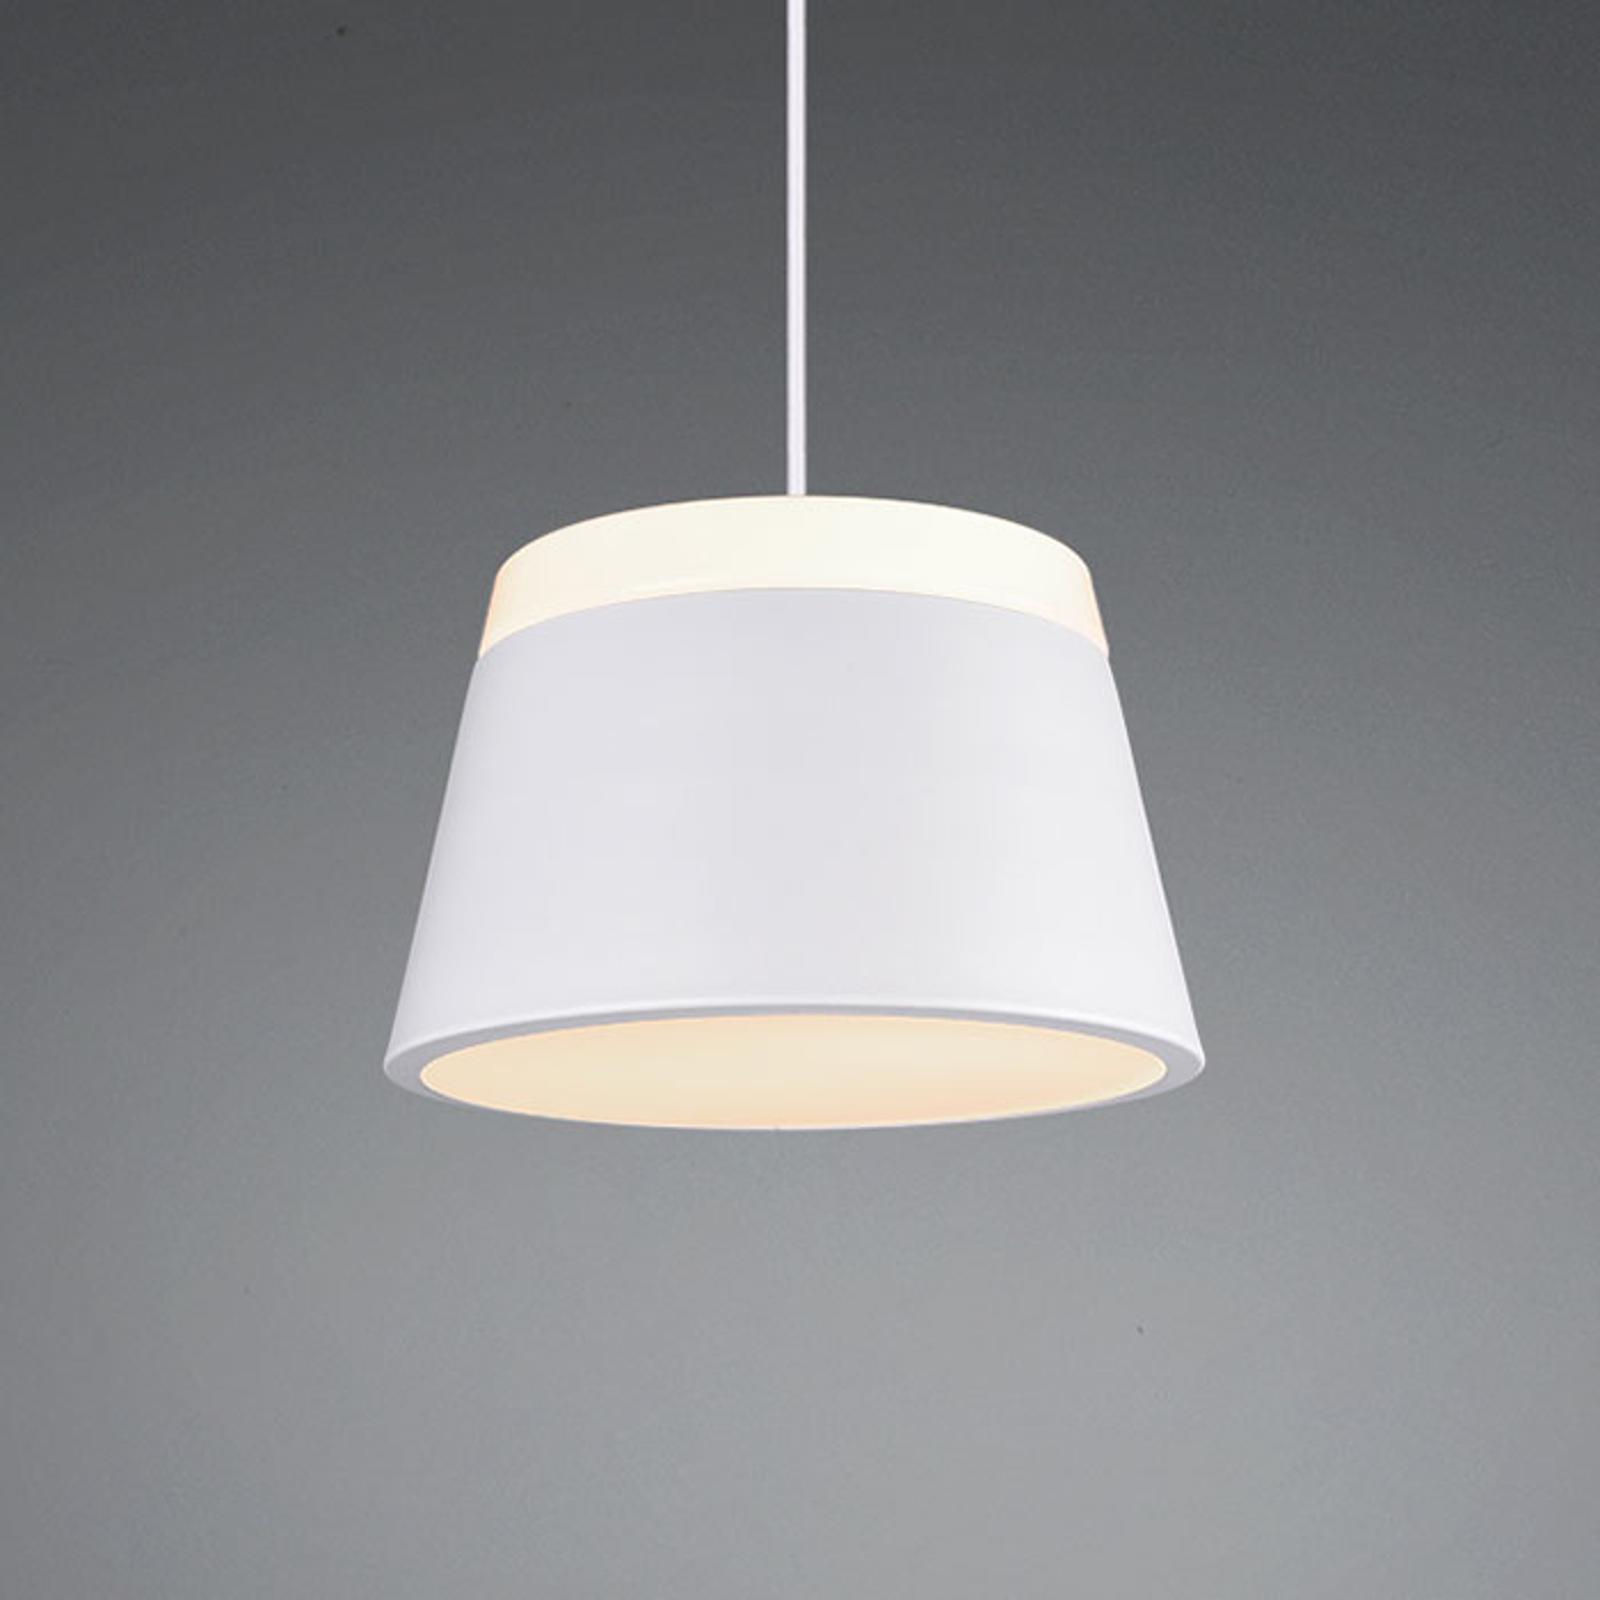 Lampa wisząca Baroness Ø 25 cm, biała